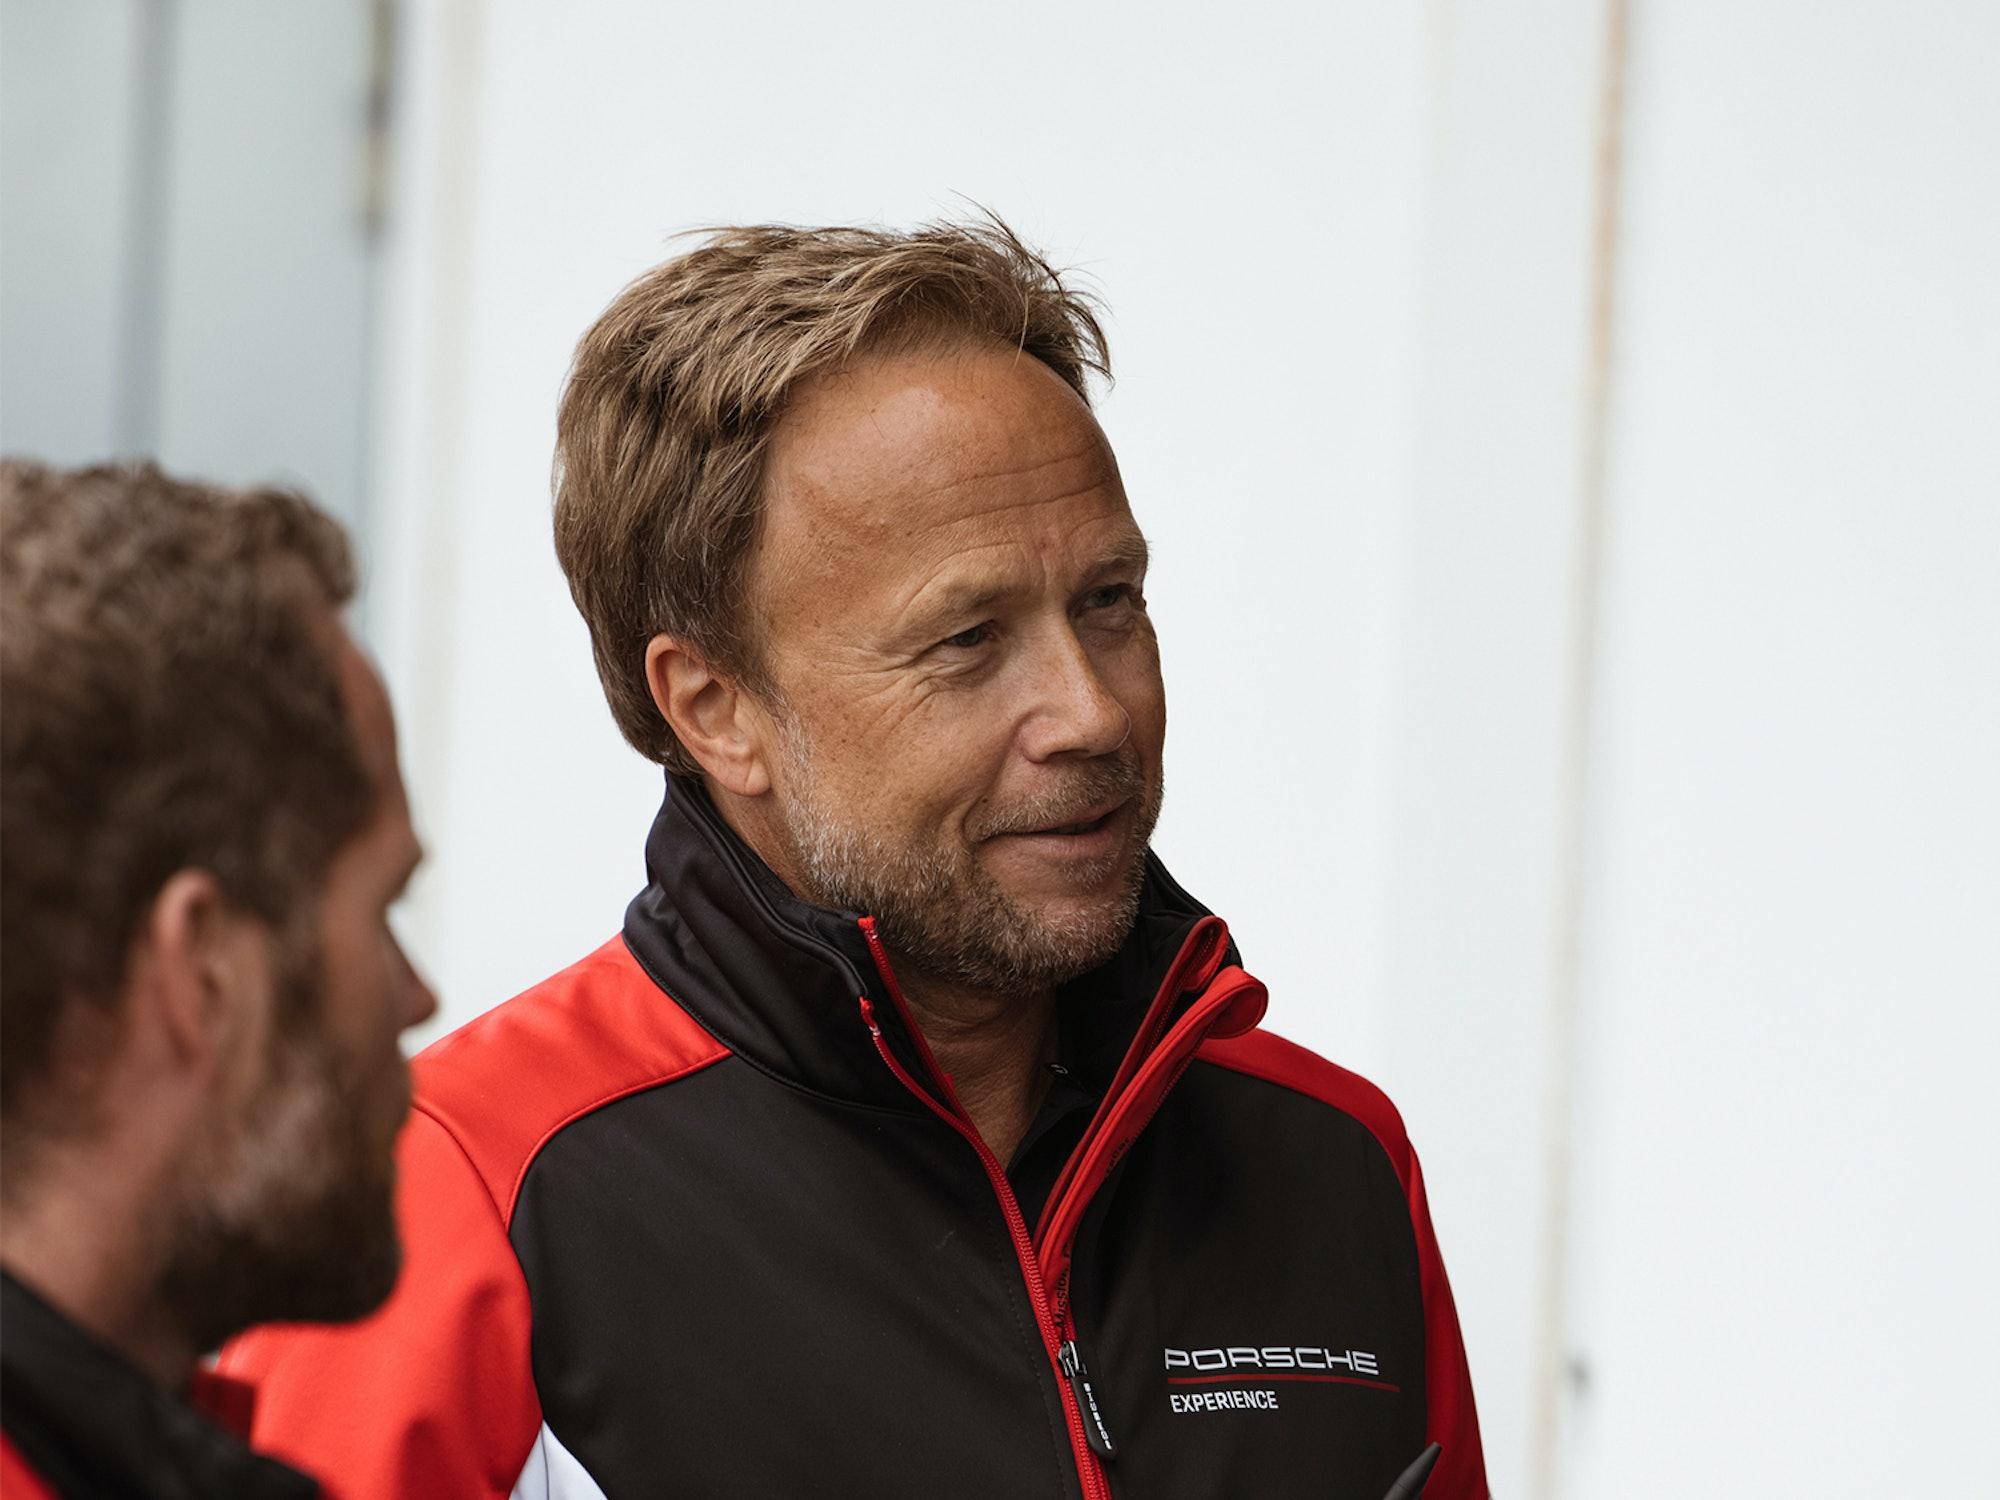 Proffsjåfør og sjefsinstruktør Christian Lauenborg